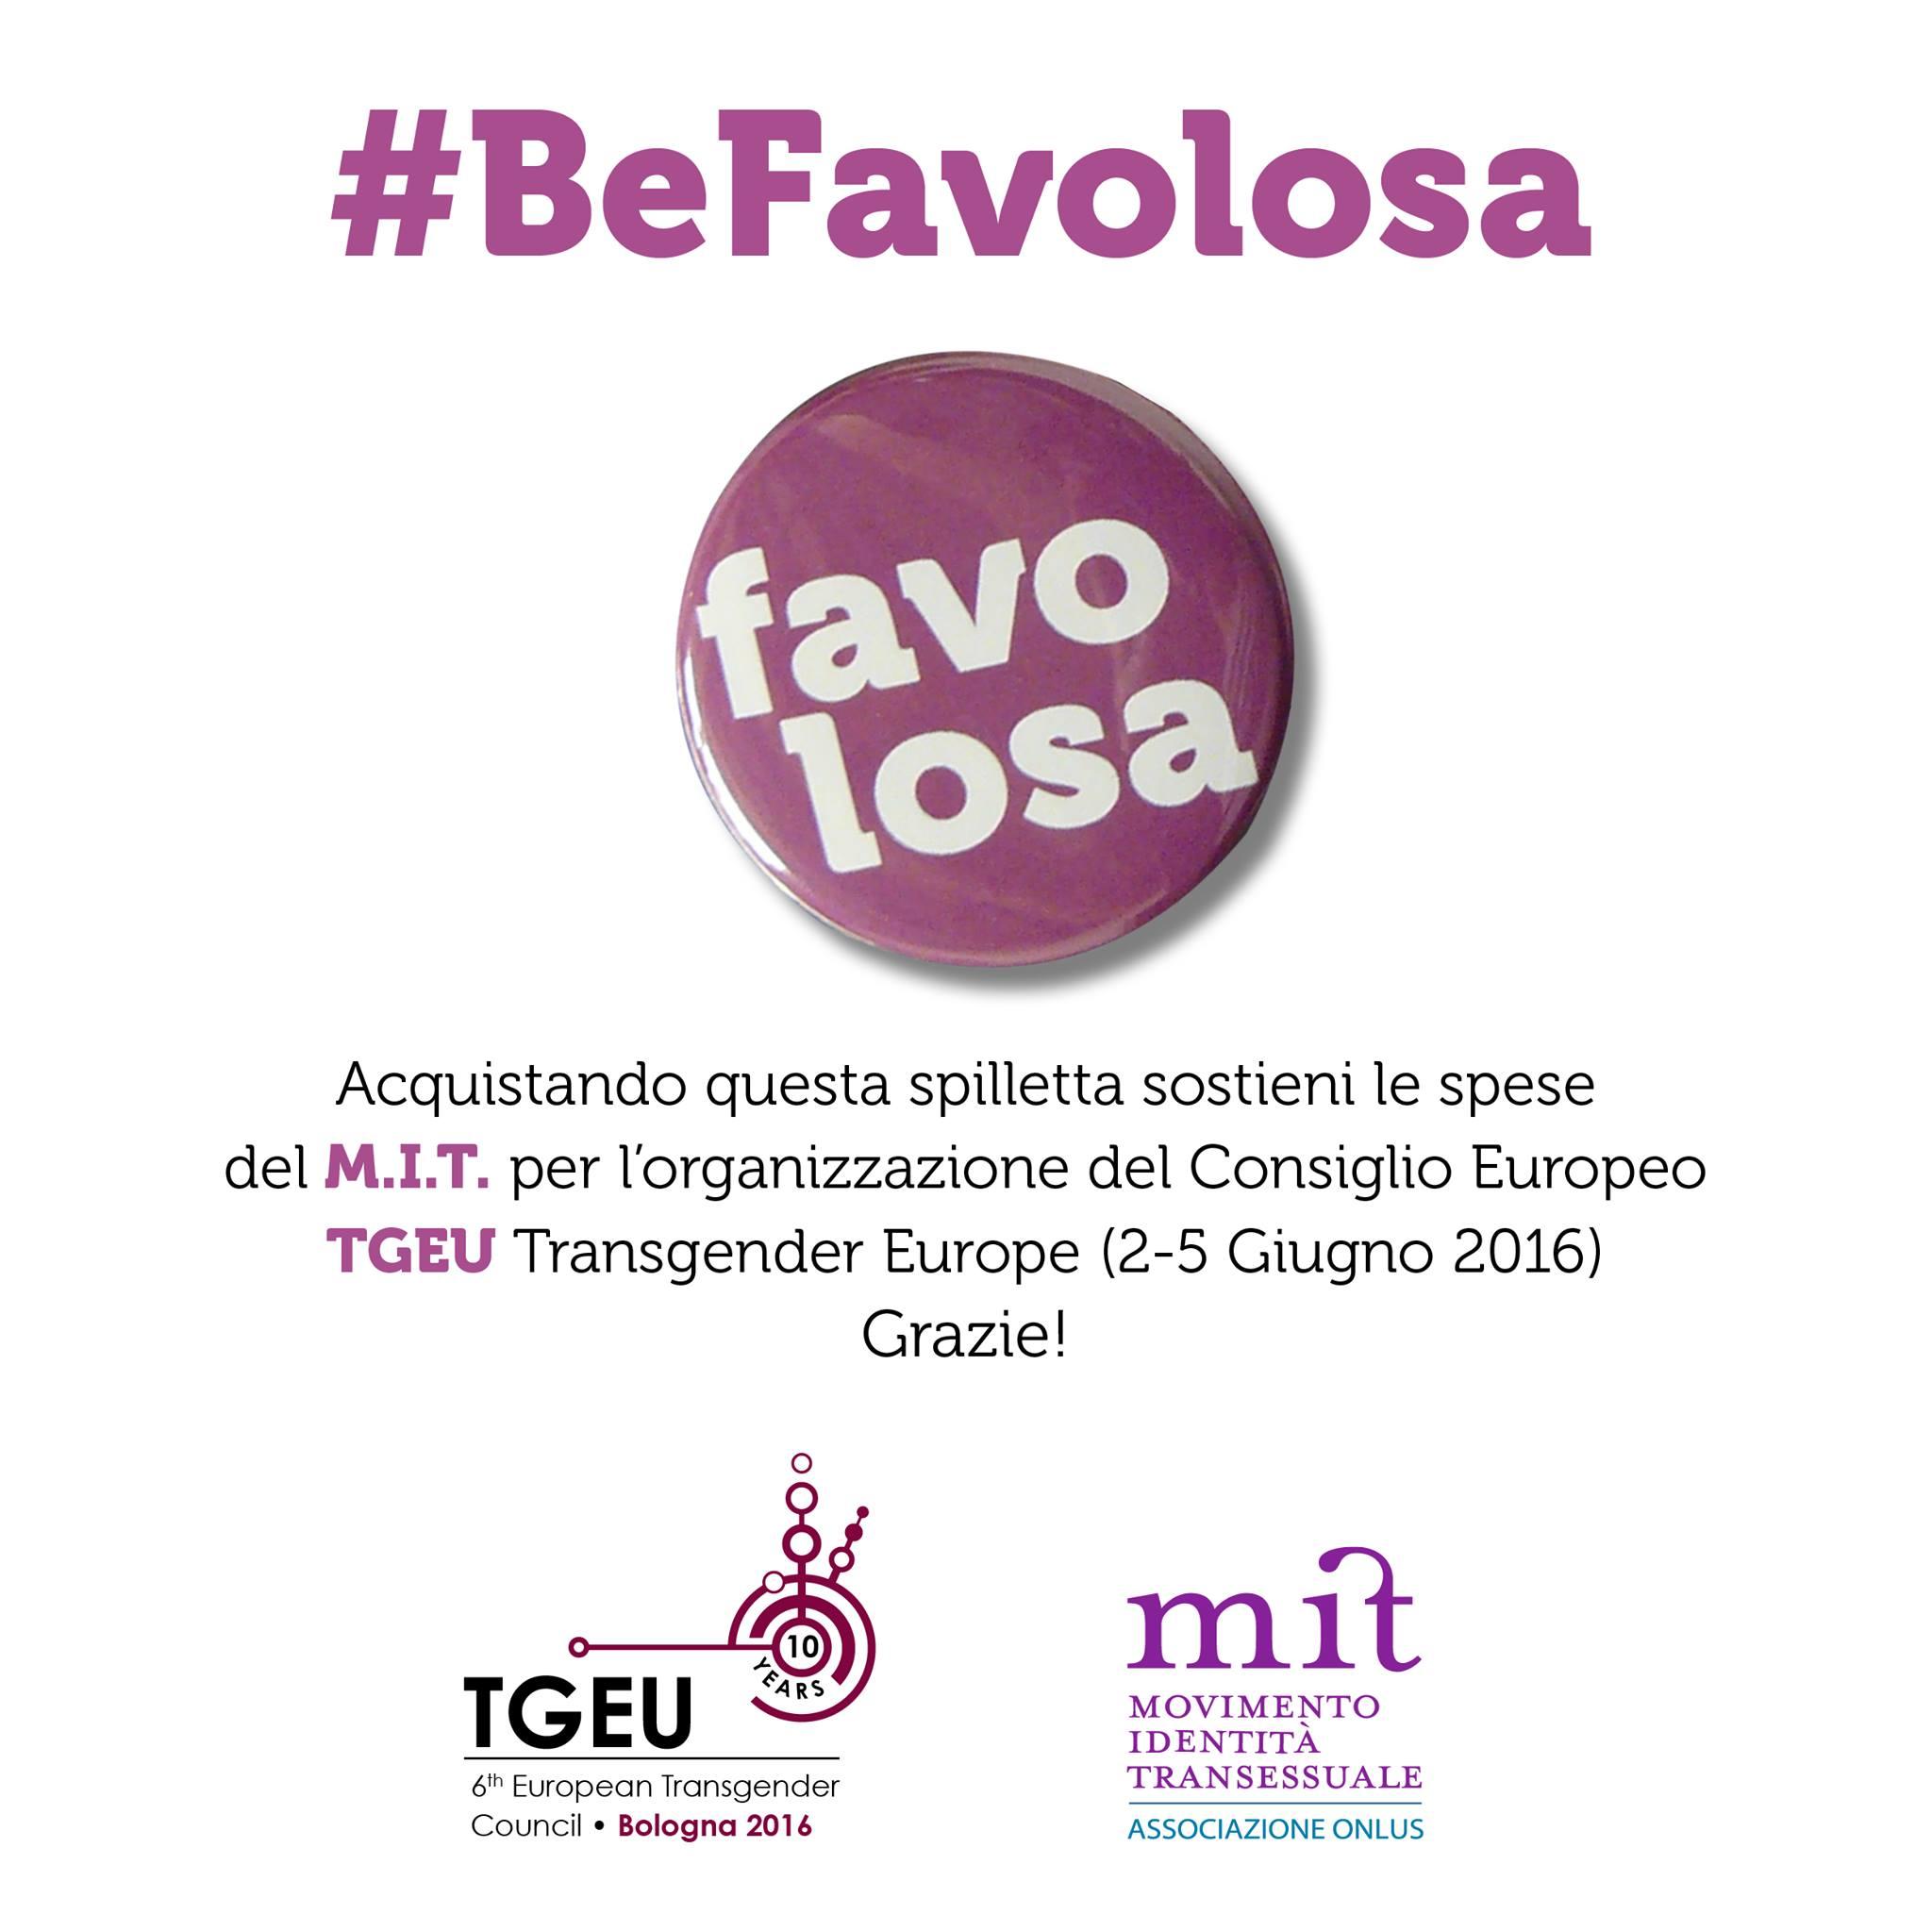 #BeFavolosa